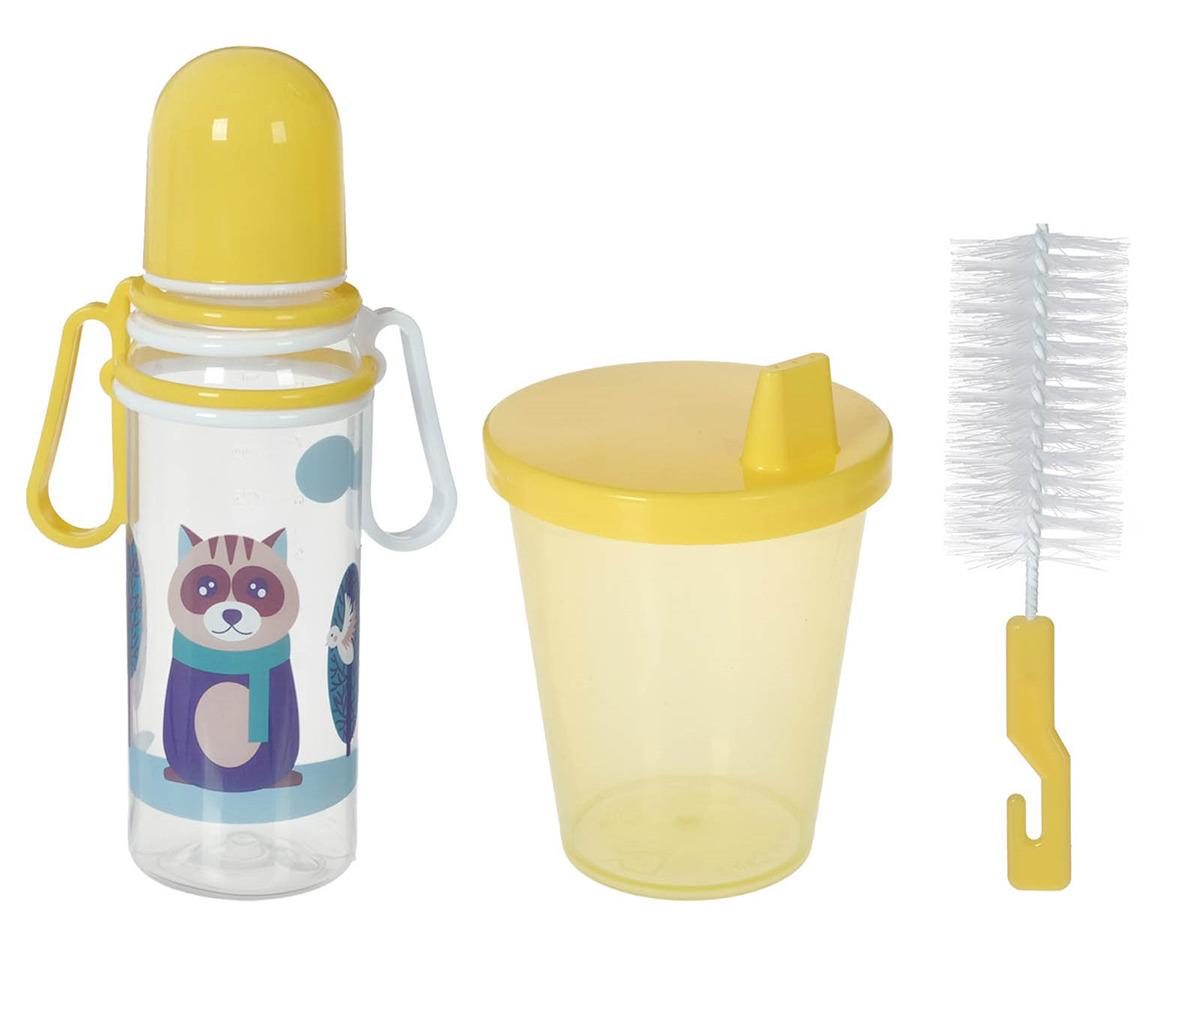 Набор бутылочек для кормления Крошка Я, 2849351, 3 предмета lubby набор посуды для кормления 3 предмета цвет оранжевый